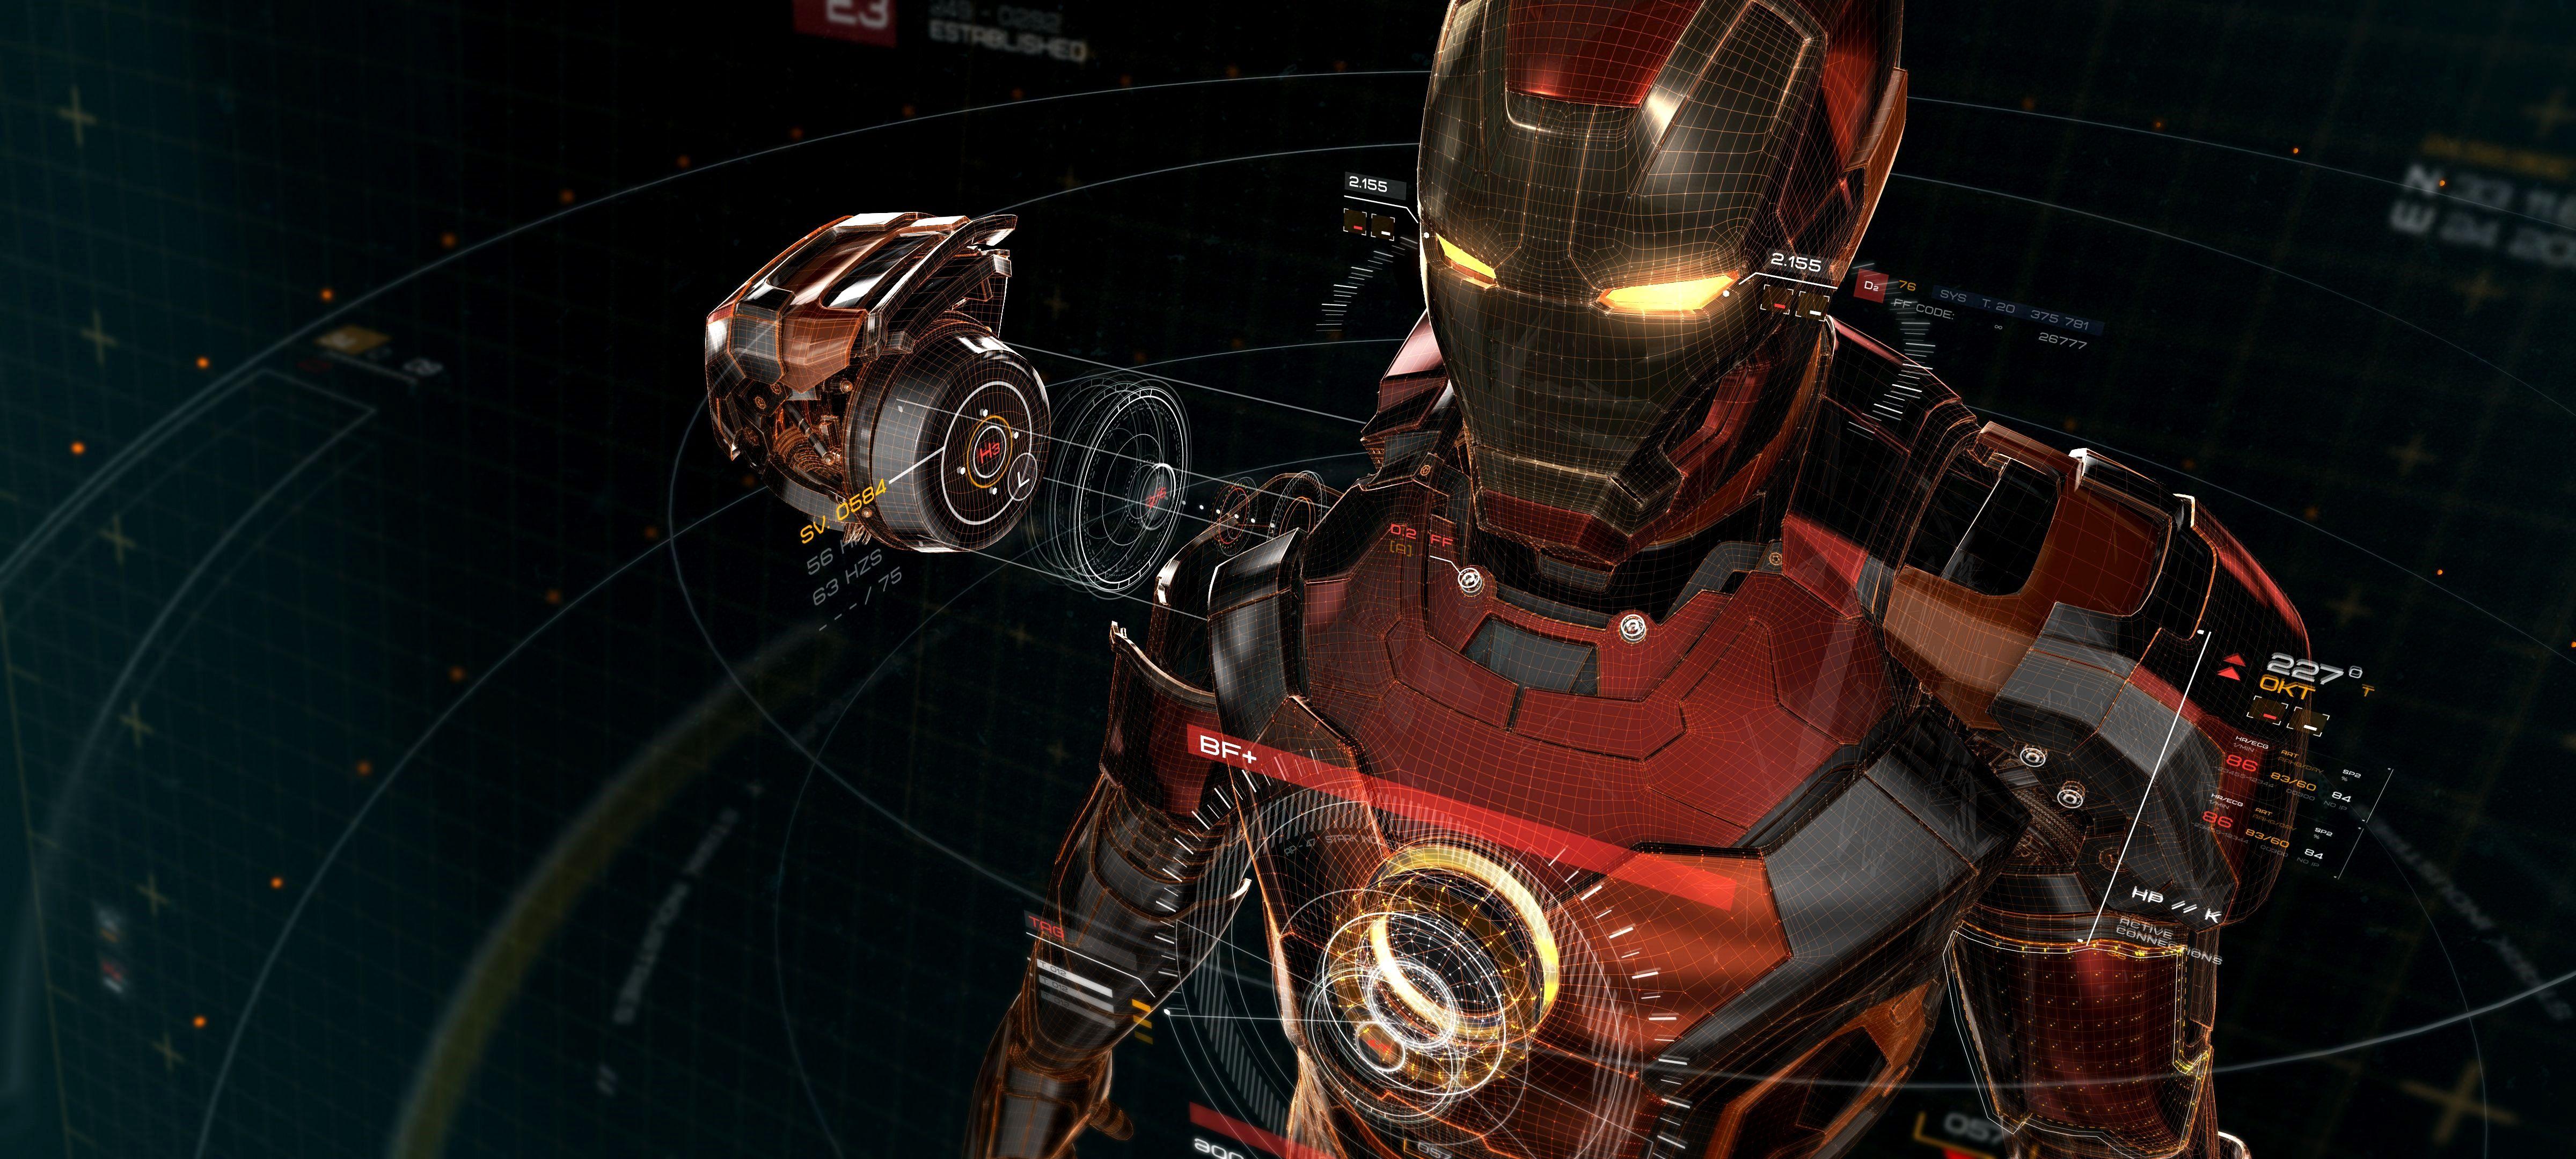 Wallpapers 4k Para Pc Iron Man Gallery Di 2020 Iron Man Avengers Arc Reactor